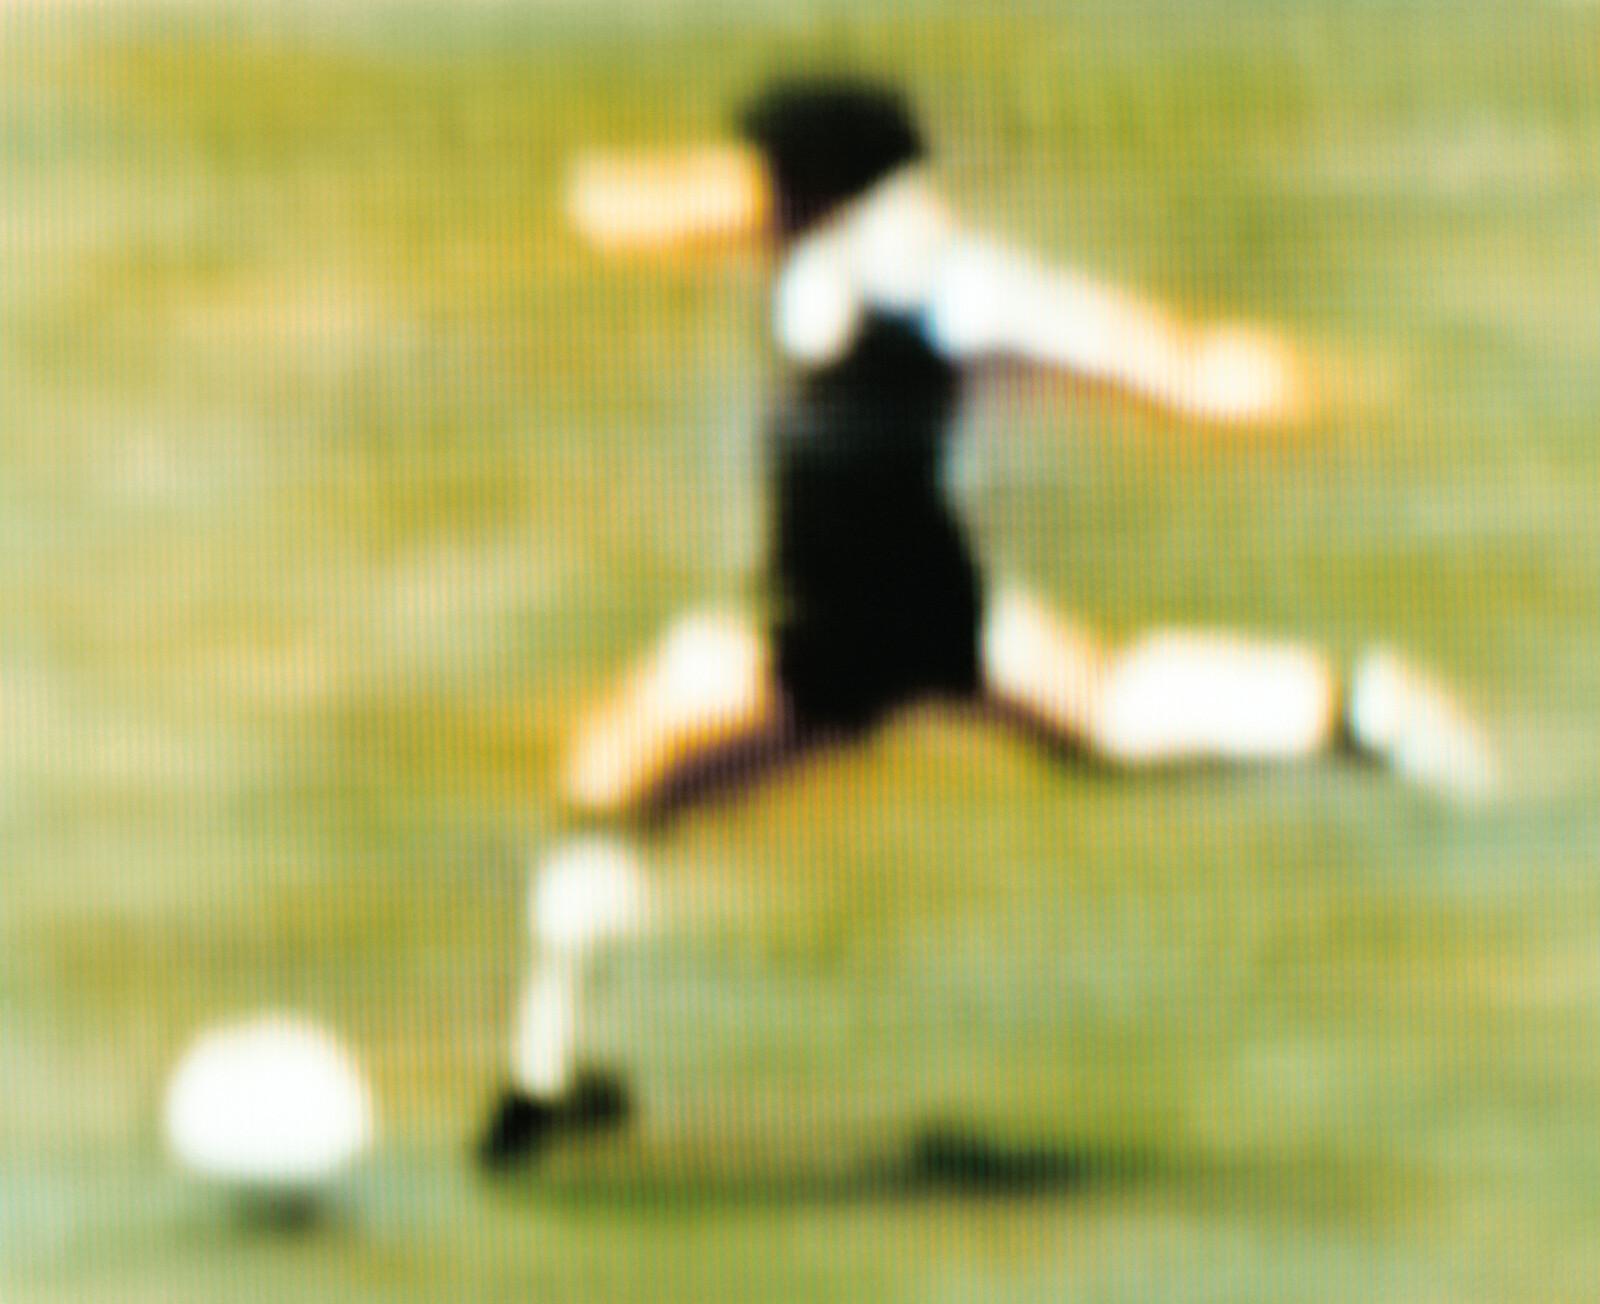 Diego Maradona Argentina v England 2-1 (Quarter-final) 22.06.1986 Estadio Azteca Mexico City, Mexico  - Robert Davies